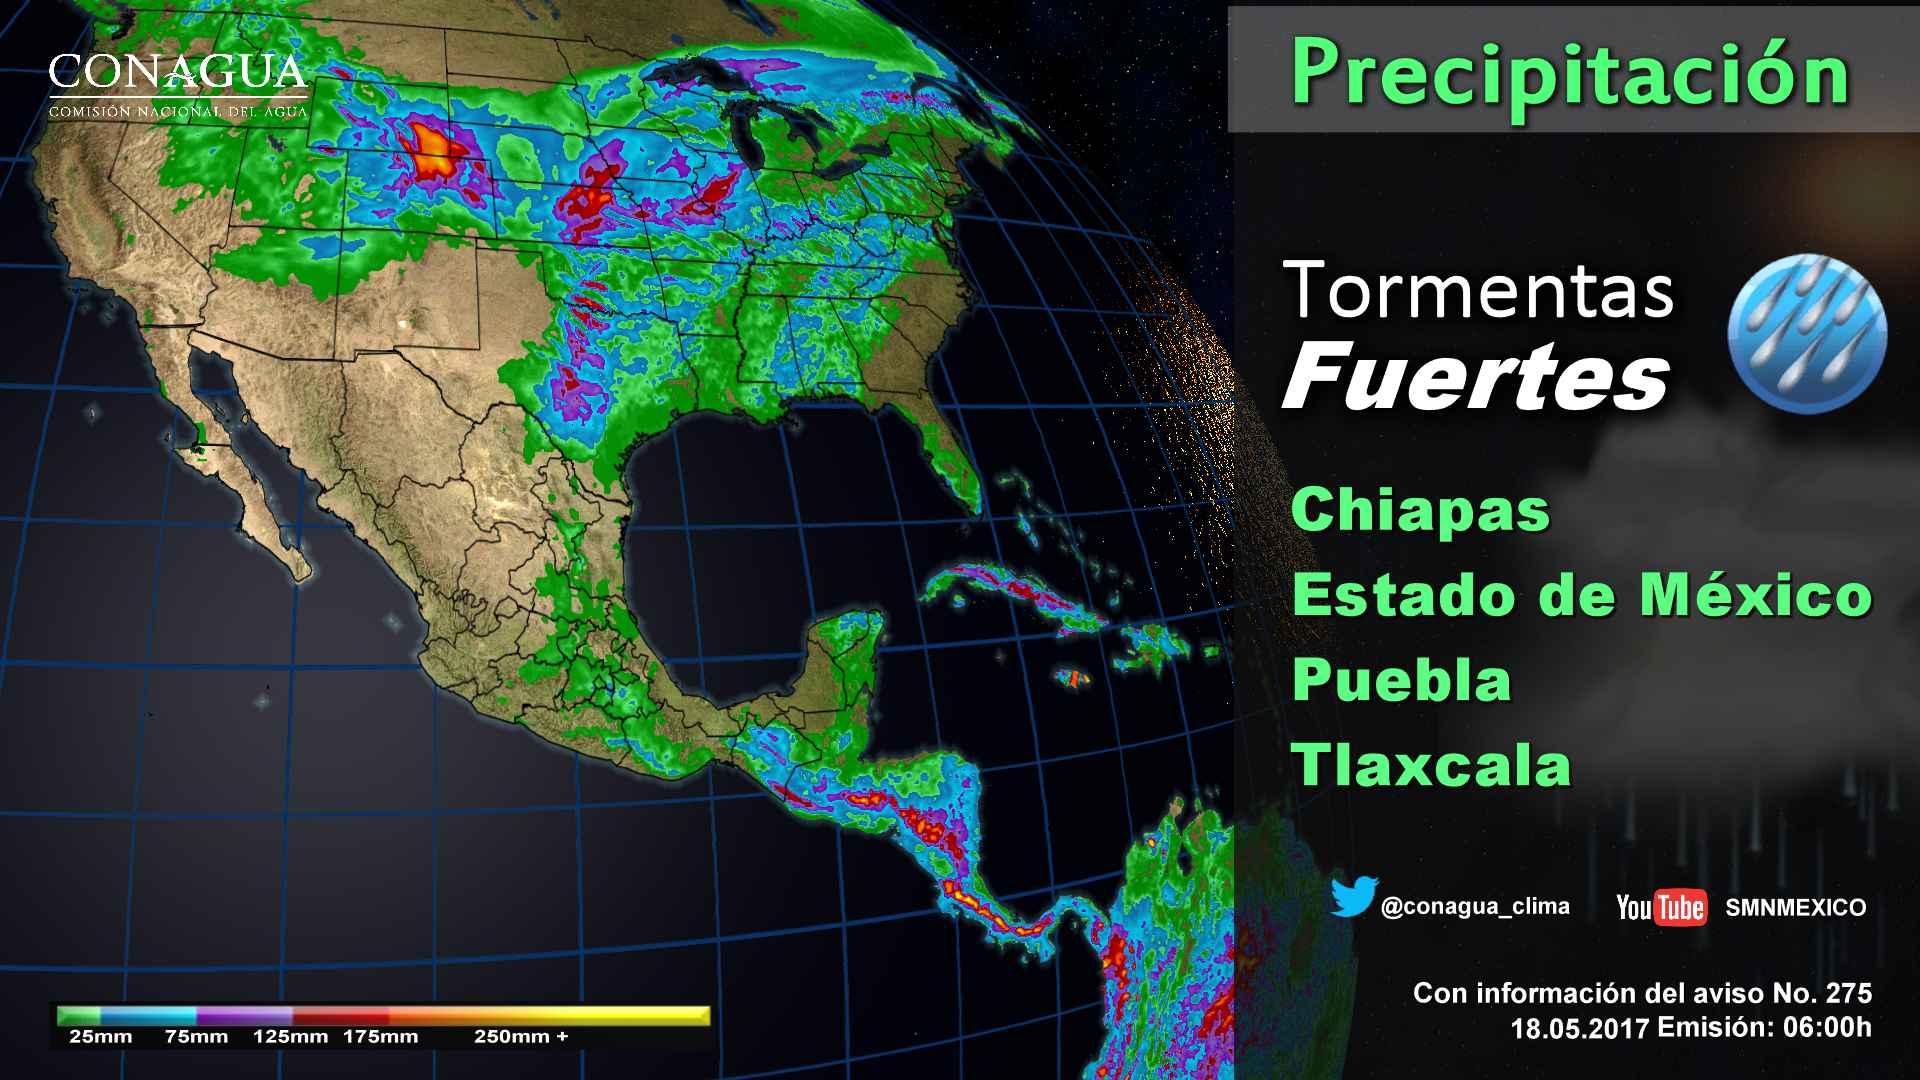 Alertan por torbellinos o tornados con granizadas en noreste del país